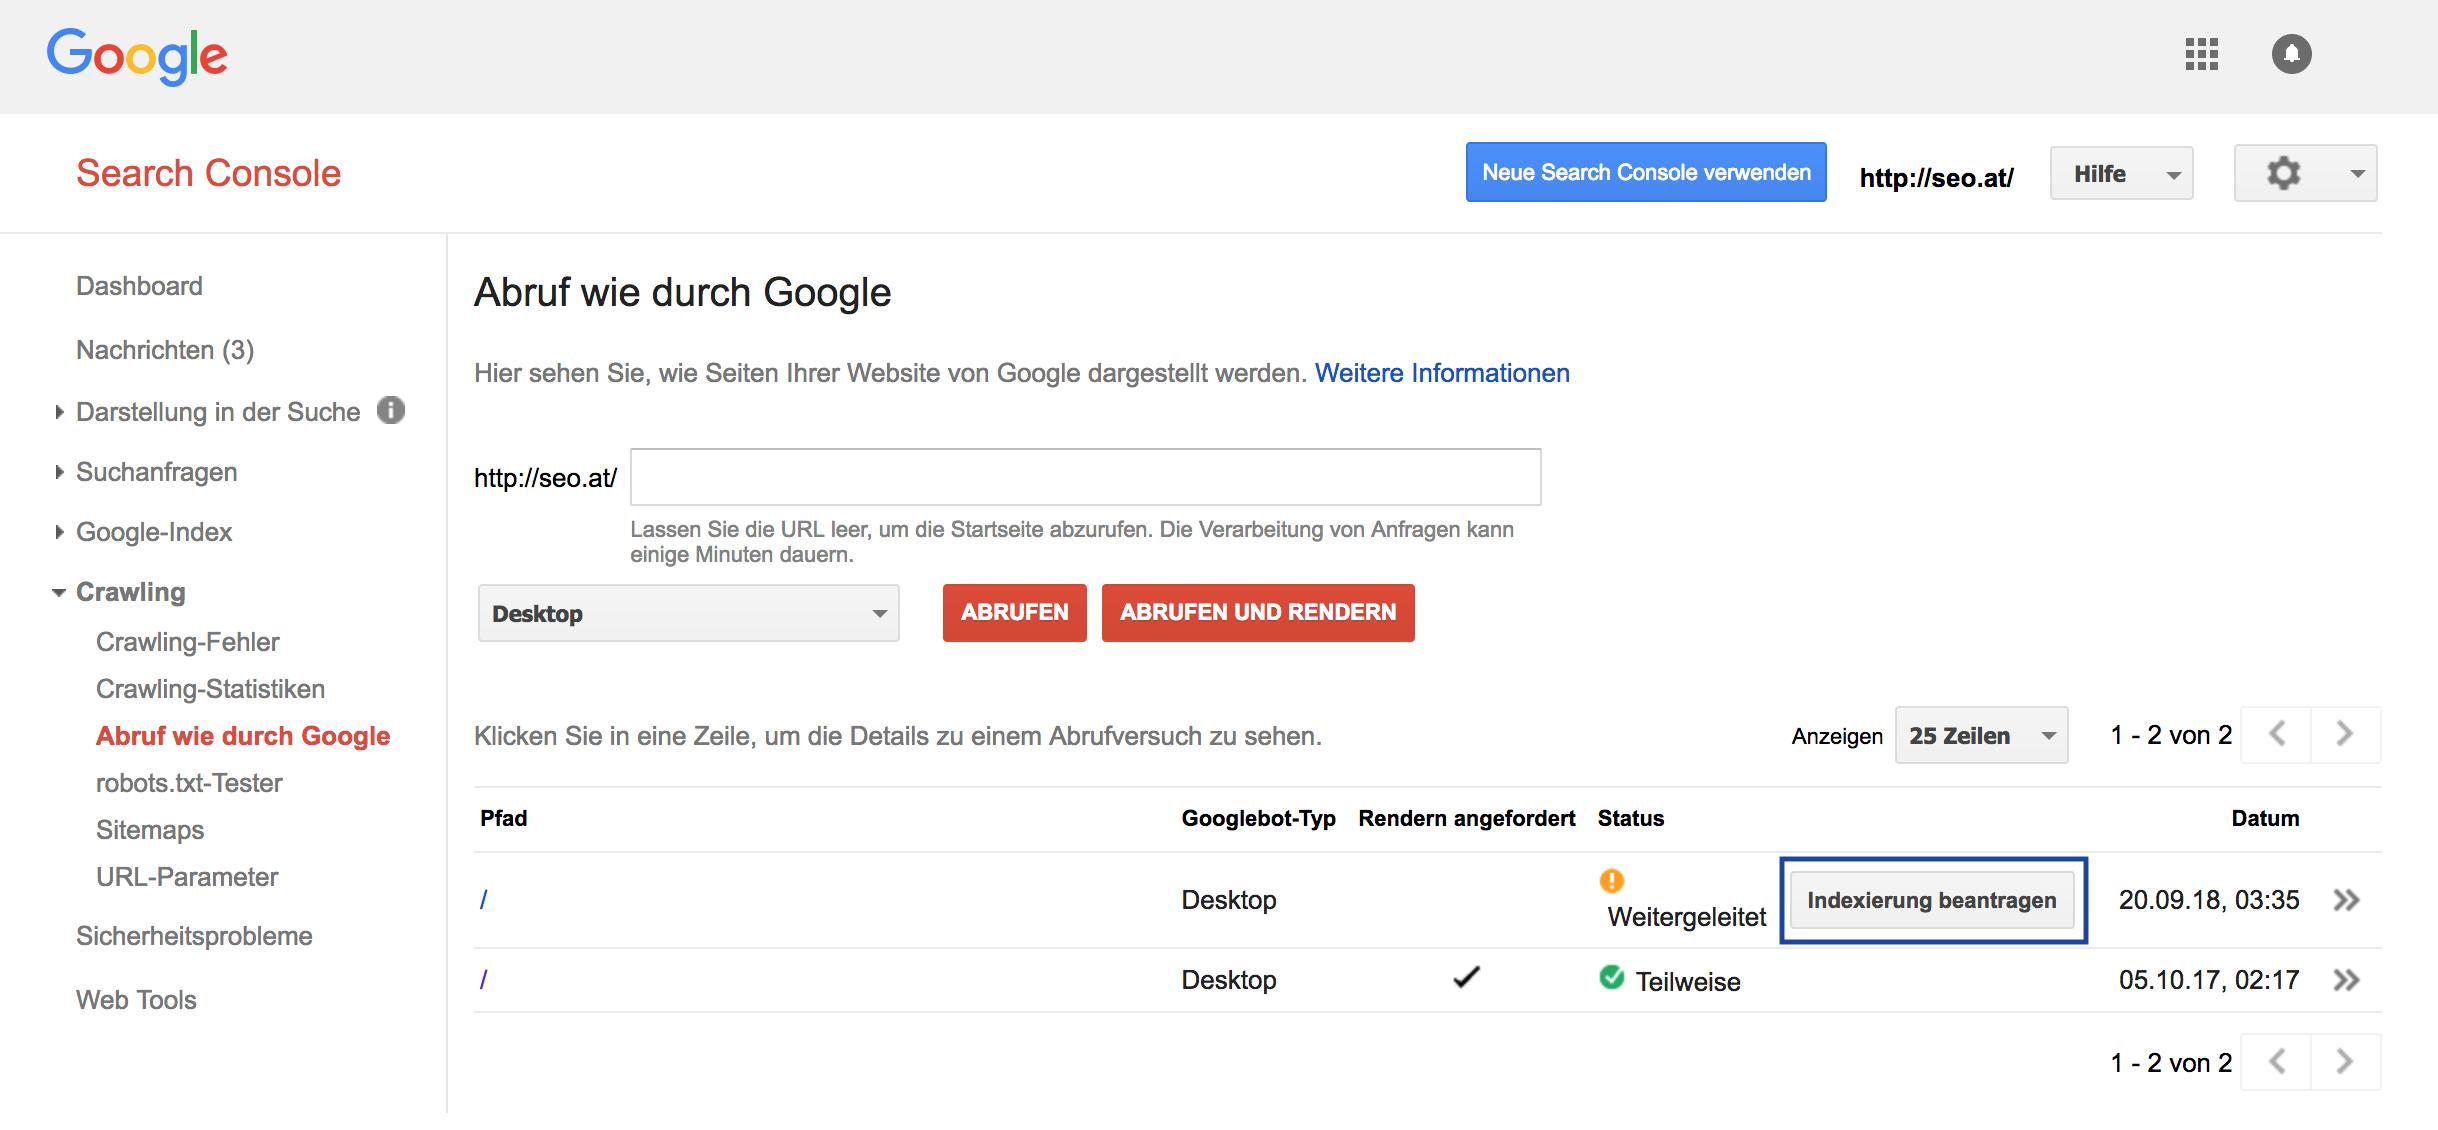 Funktion Abruf wie durch Google in der Google Search Console